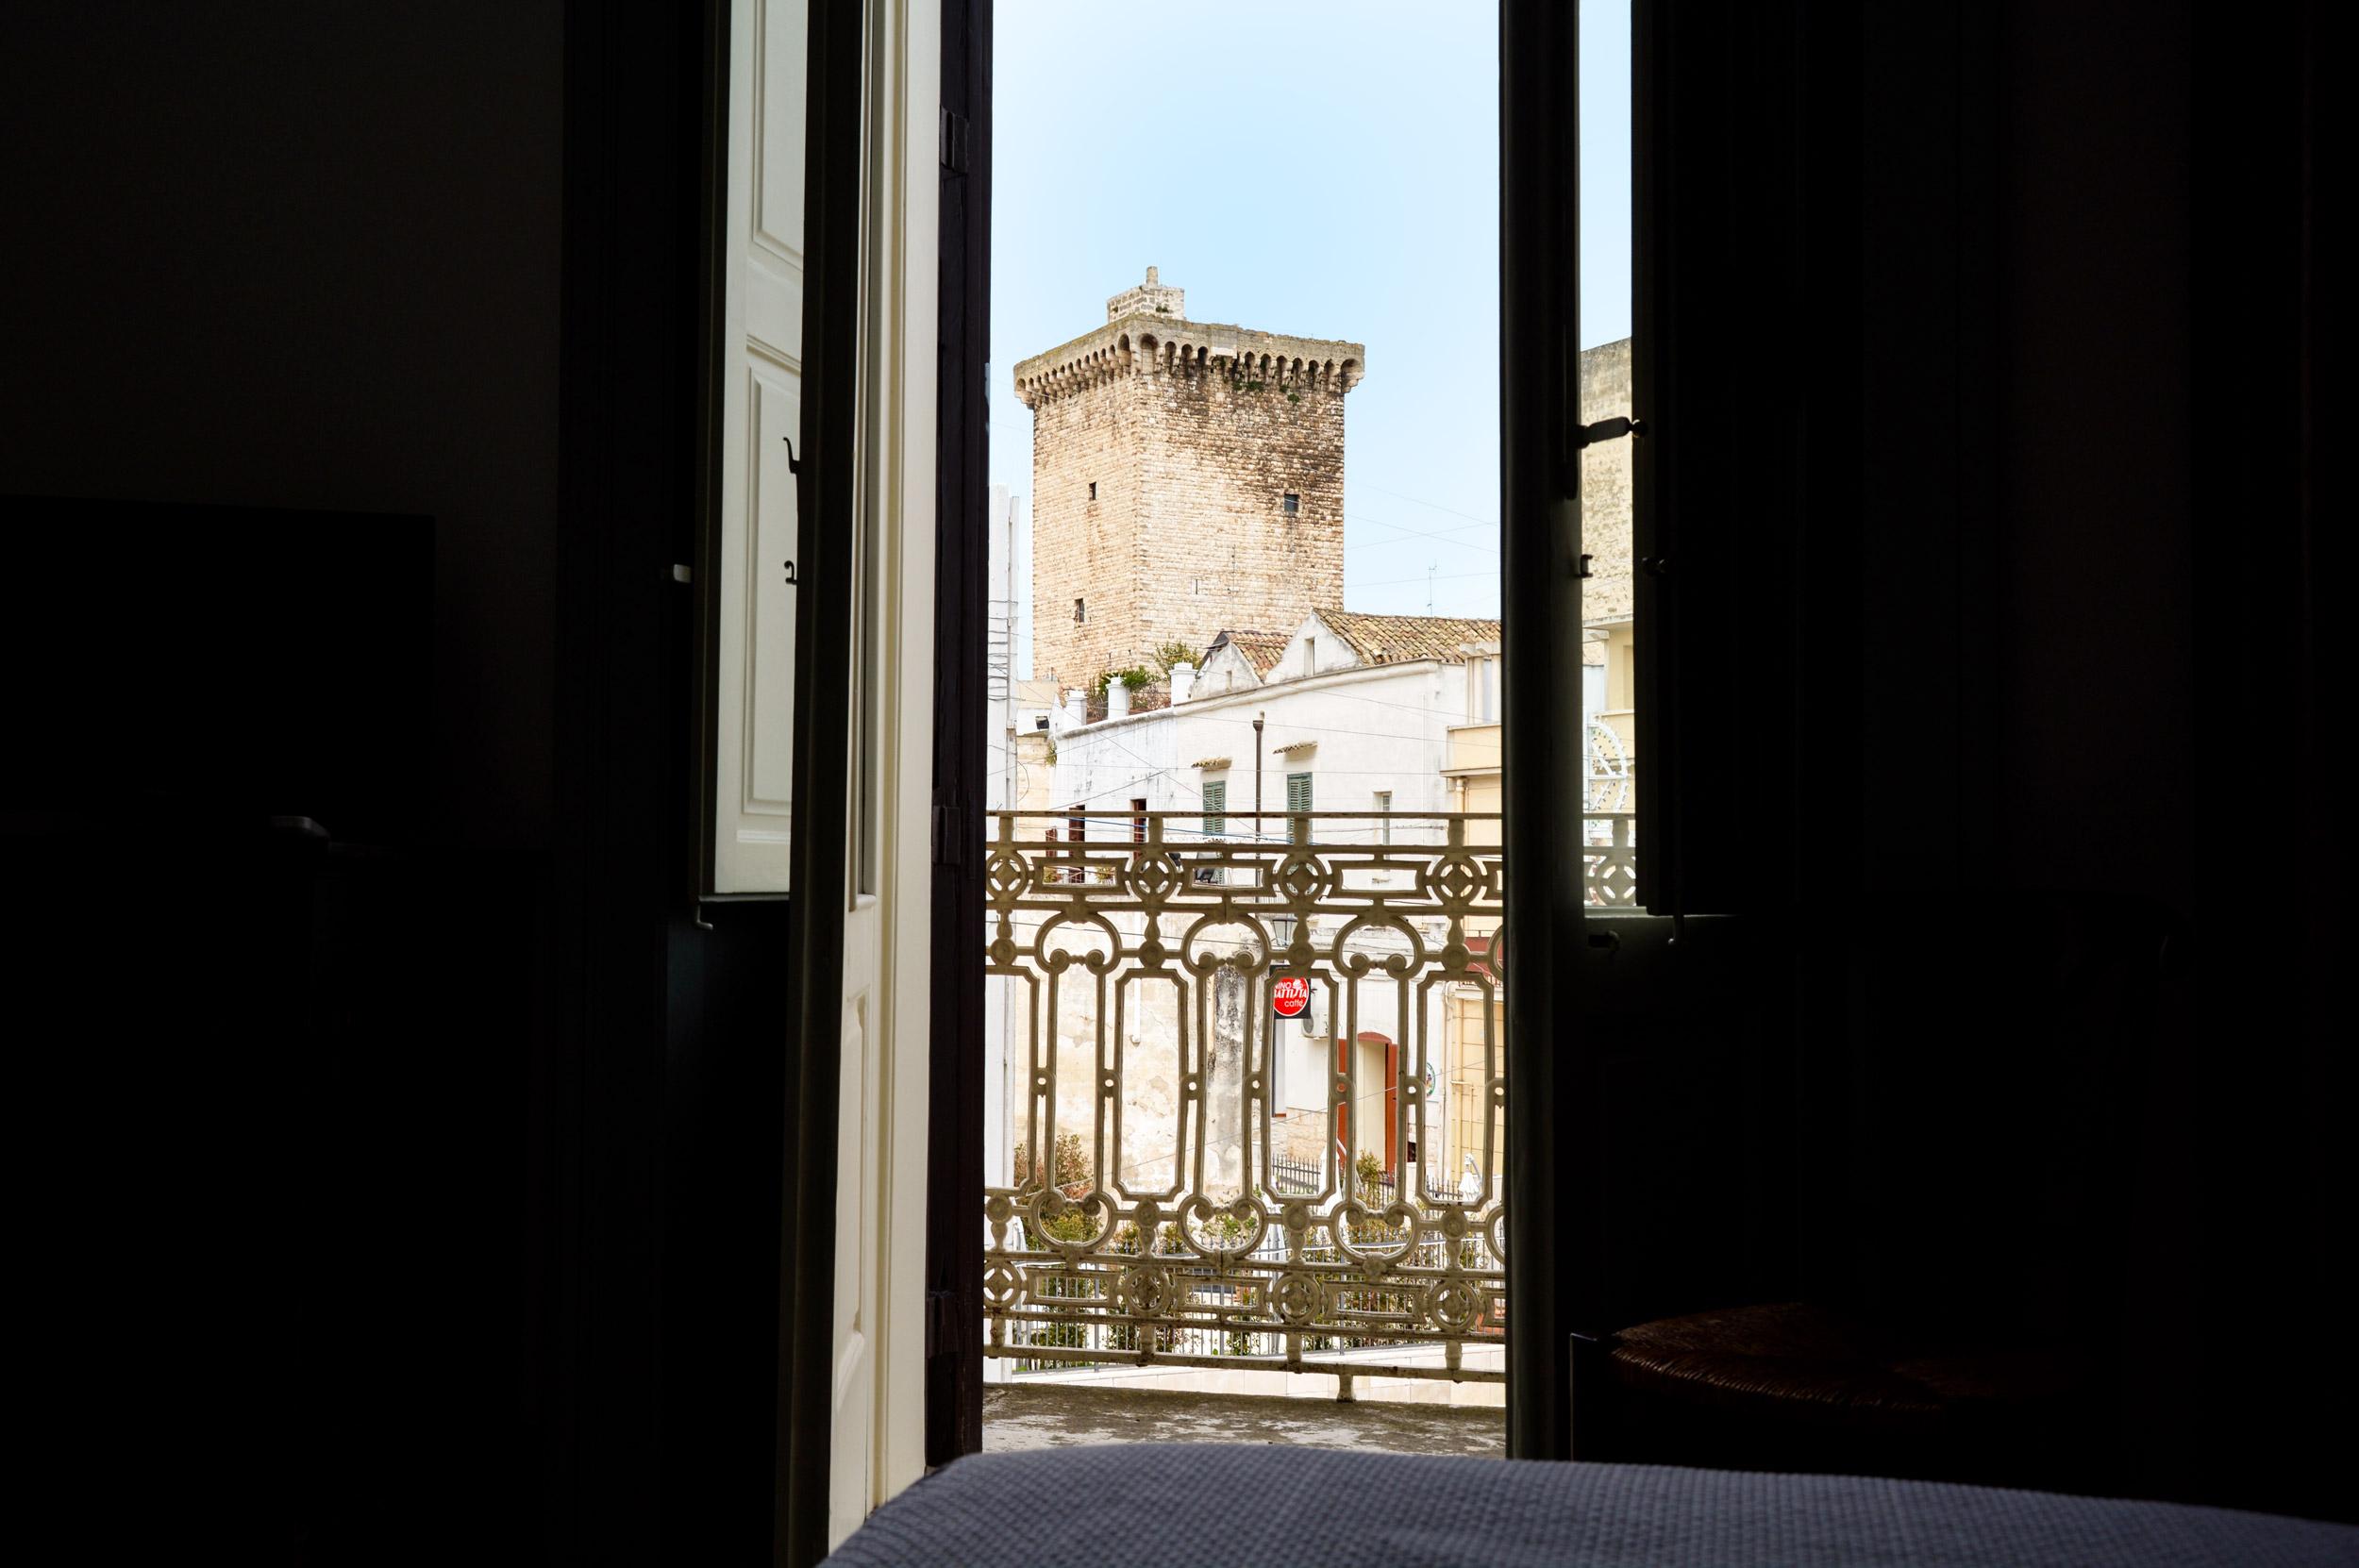 scorcio-torre-normanna-rutigliano-da-finestra